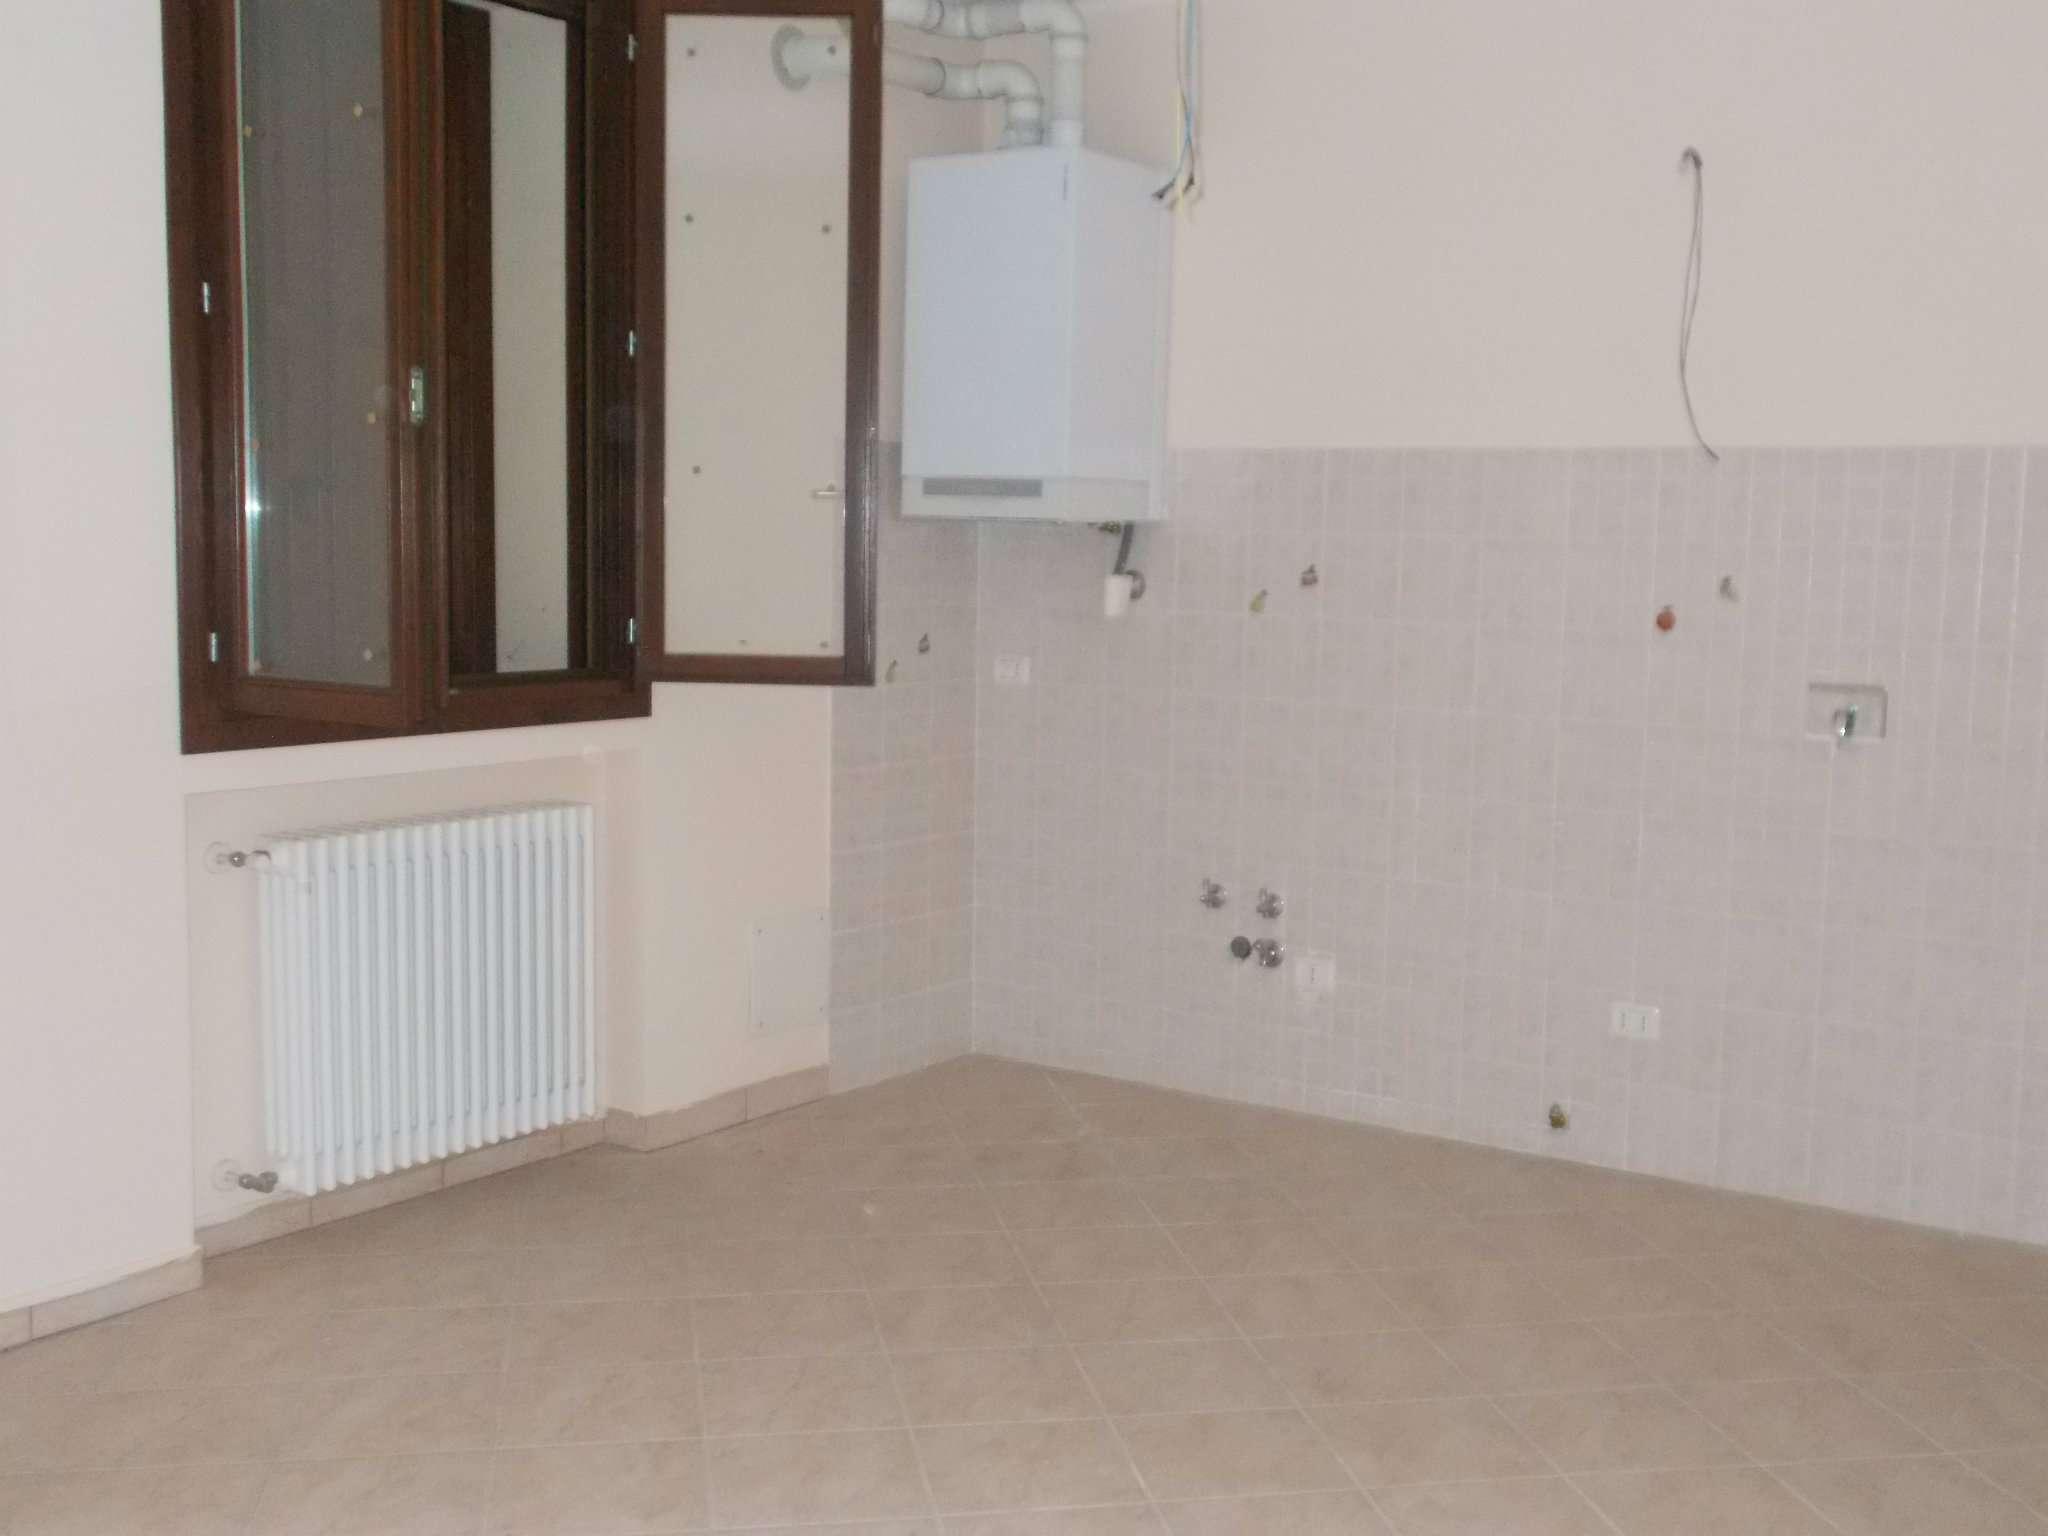 Appartamento in vendita a San Polo d'Enza, 3 locali, prezzo € 140.000 | CambioCasa.it